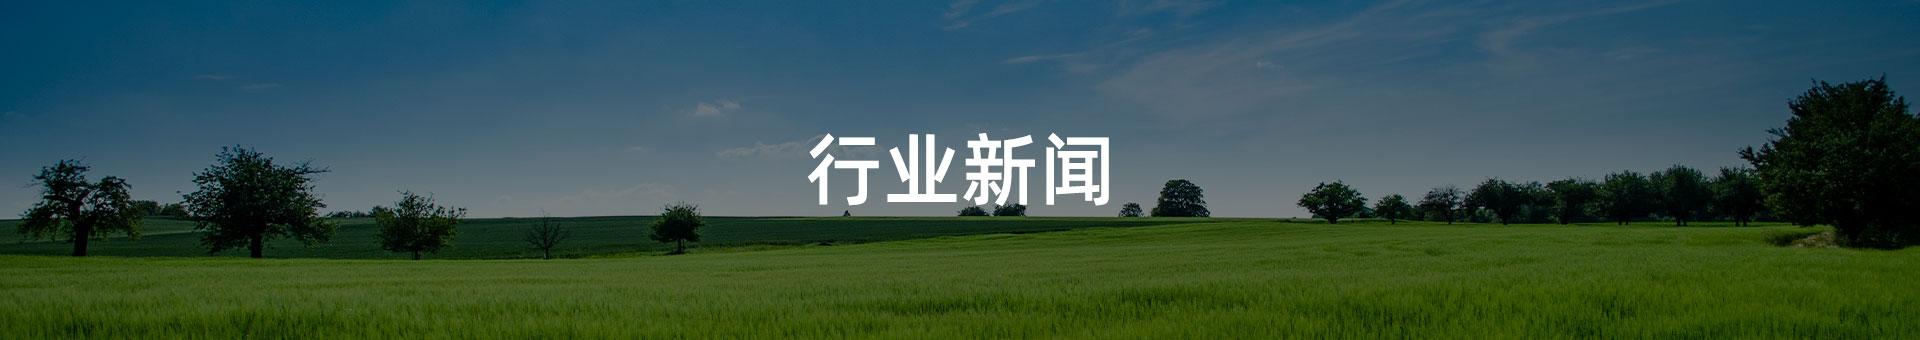 空气检测仪_环境监测仪_环境监测终端_气体检测仪